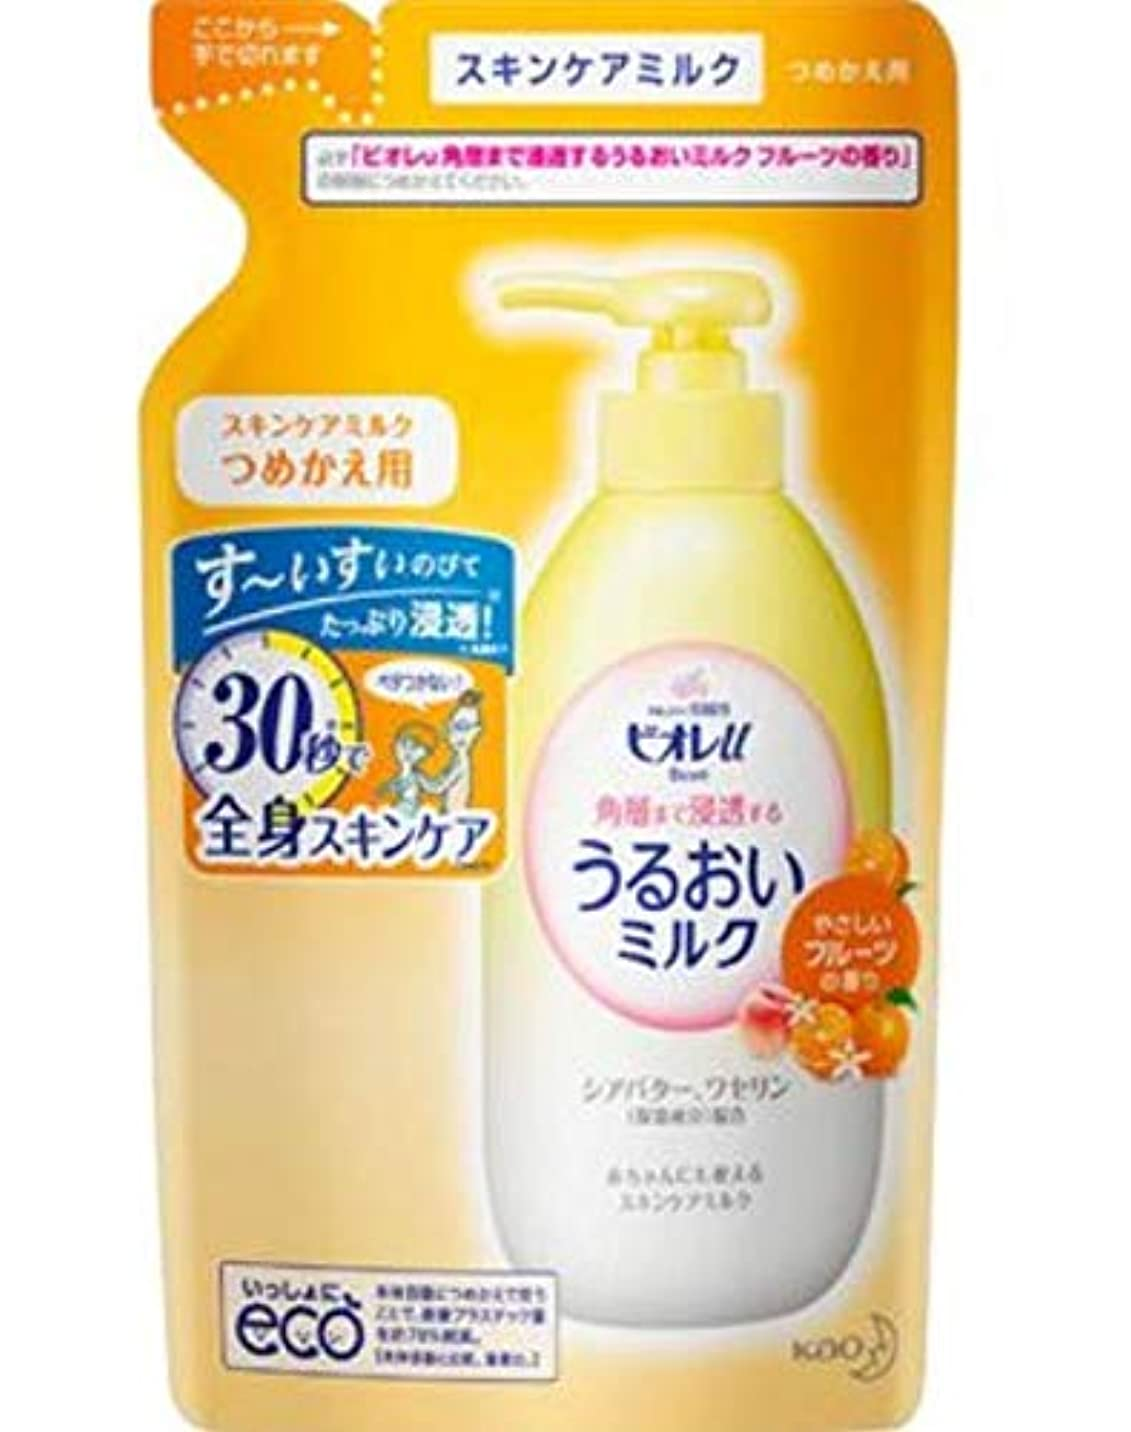 持続的確かな遅らせるビオレu 角層まで浸透 うるおいミルク フルーツ 250ml 詰替